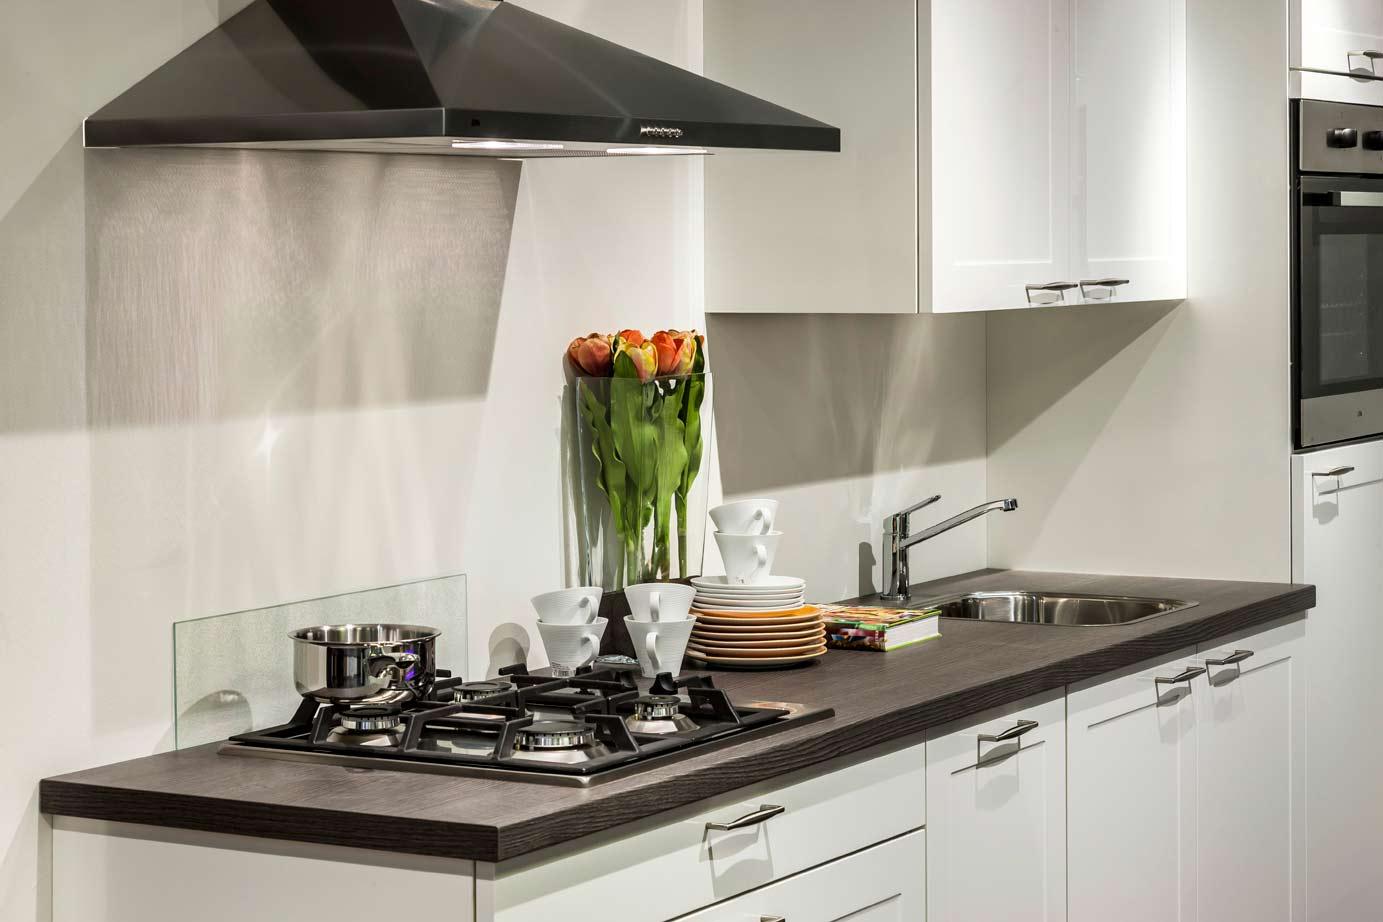 Keuken Witjes Achterwand : Tegels achterwand keuken ideeen voor achterwand keuken design